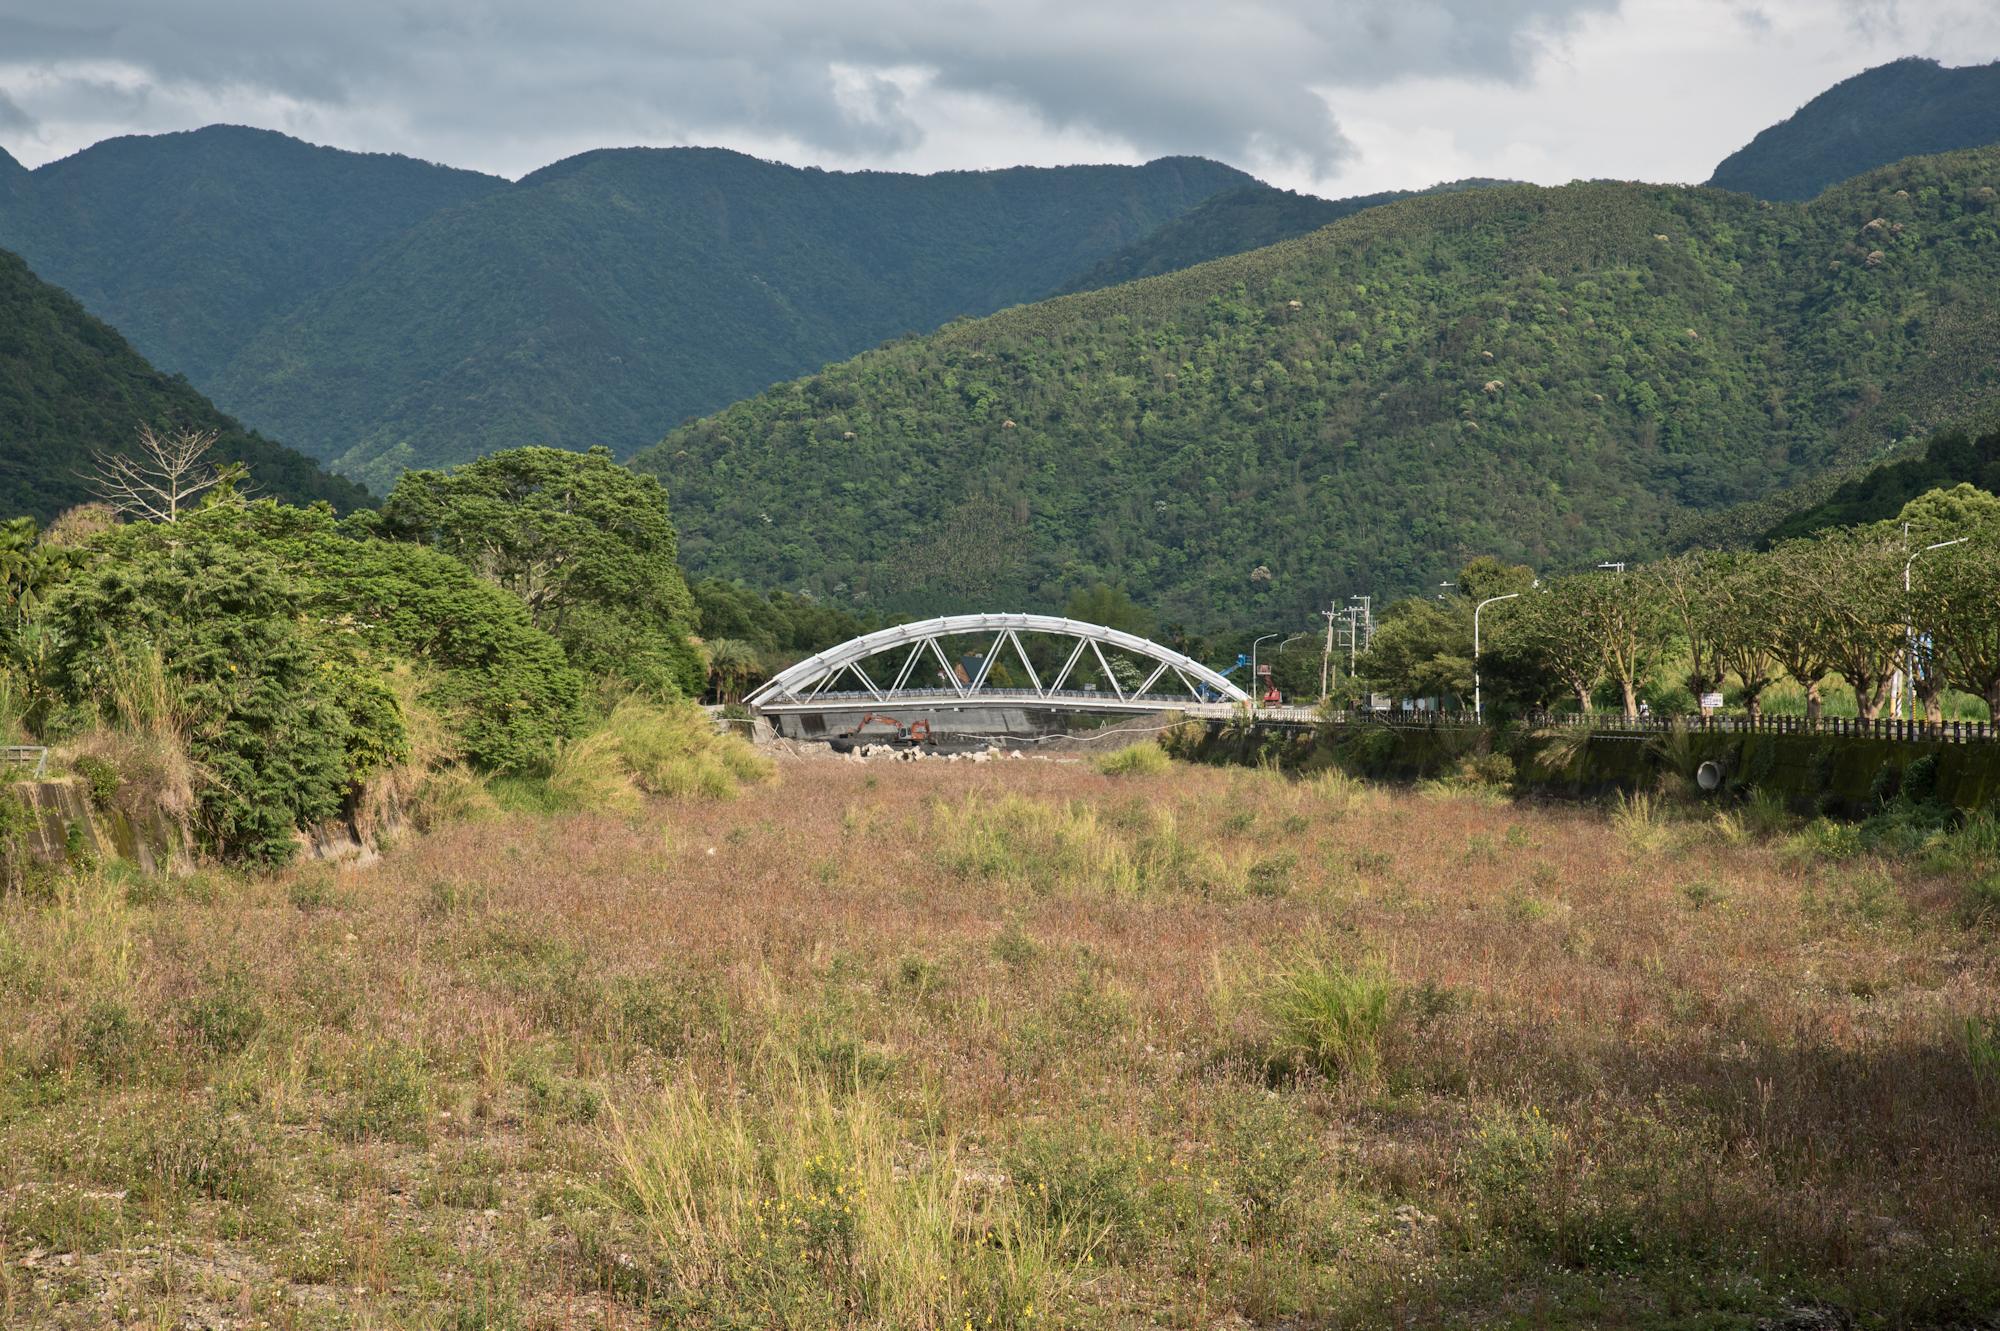 觀光景點鯉魚潭附近的乾溪流域上正在興建的一座橋。橋的上游仍有細微水流,下游的河床呈現一片乾涸。南投埔里。2018/4/17